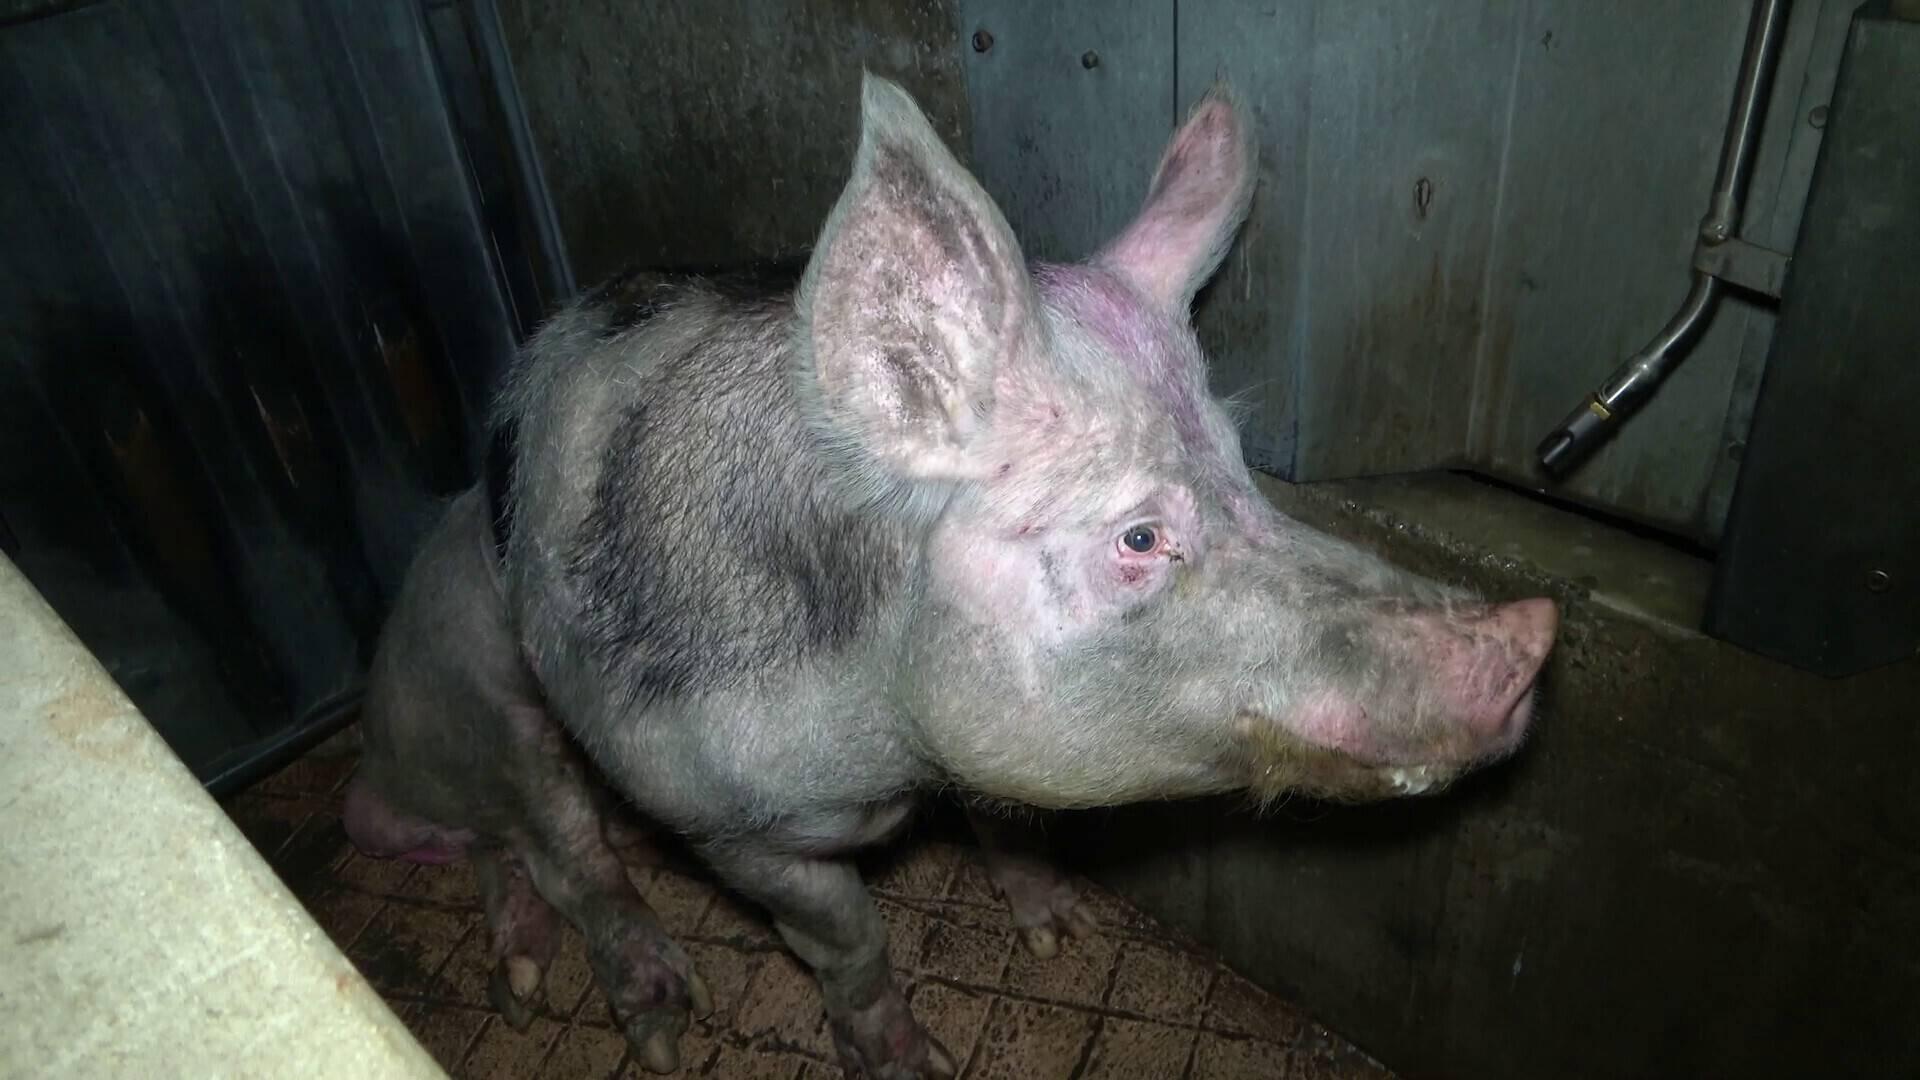 Des truies de réforme sont victimes de maltraitances à l'abattoir de Briec, dans le Finistère. Un établissement propriété du groupe Les Mousquetaires Intermarché.